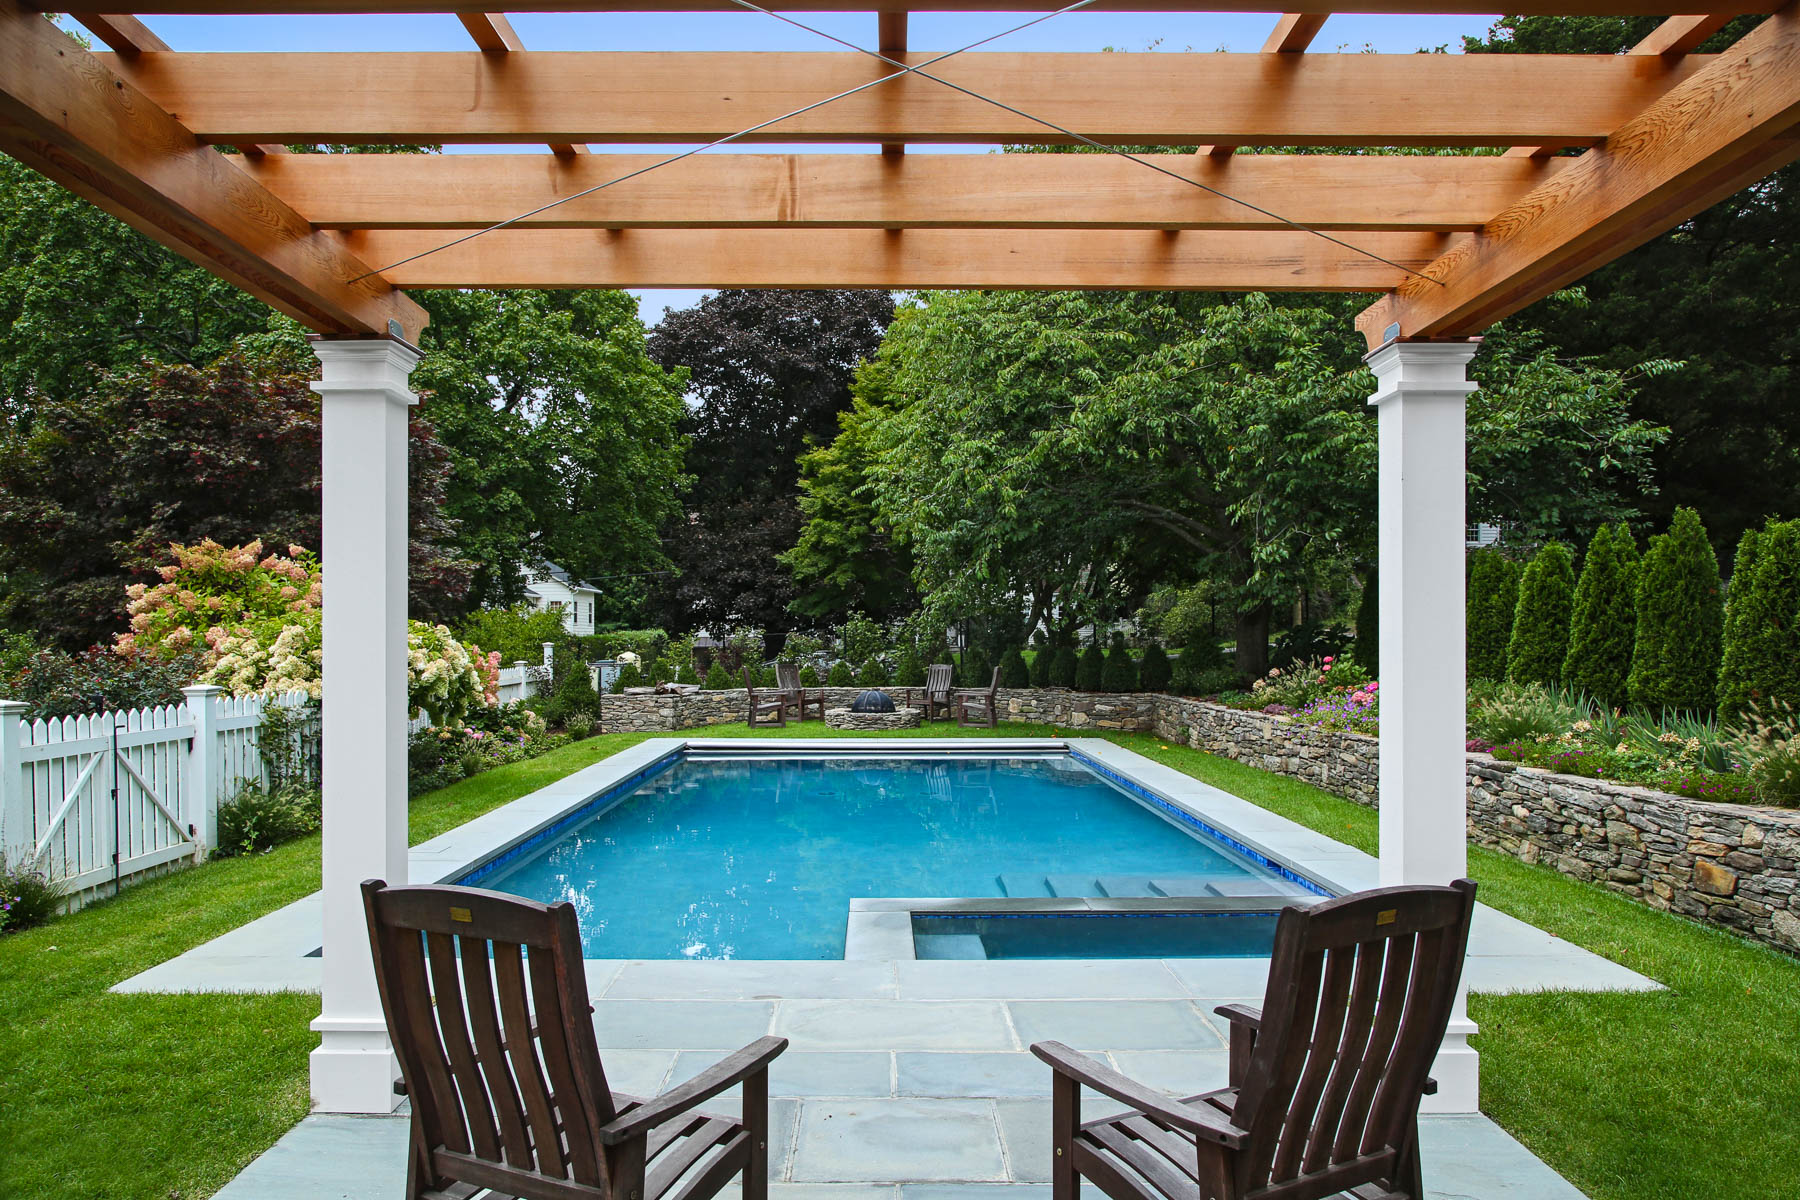 7-Pool house view towards Pool.jpg